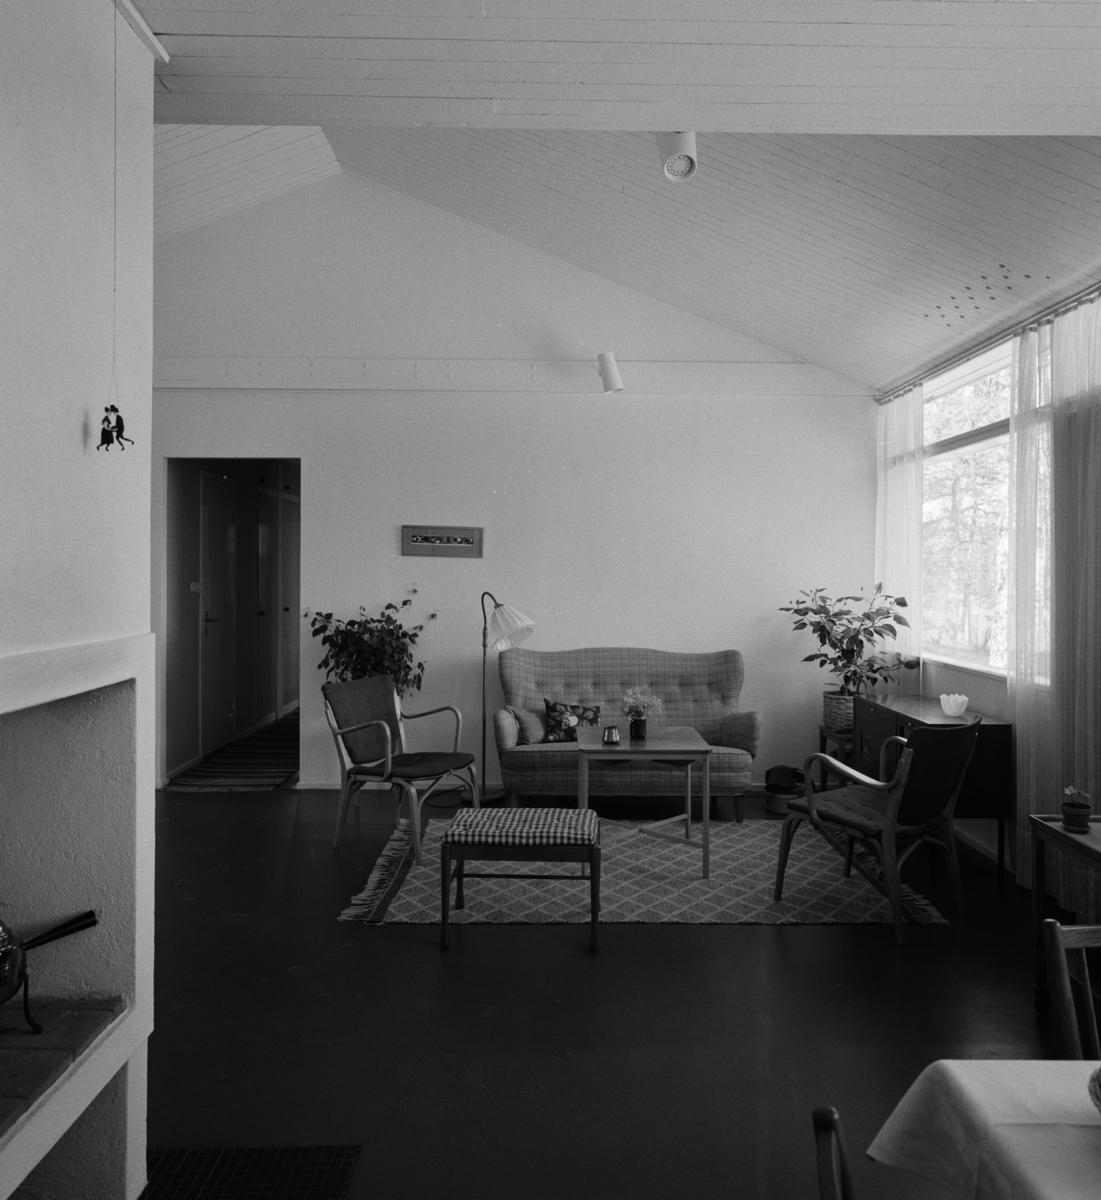 villa Trygg Interiör, vardagsrum med fönstervägg åt öster